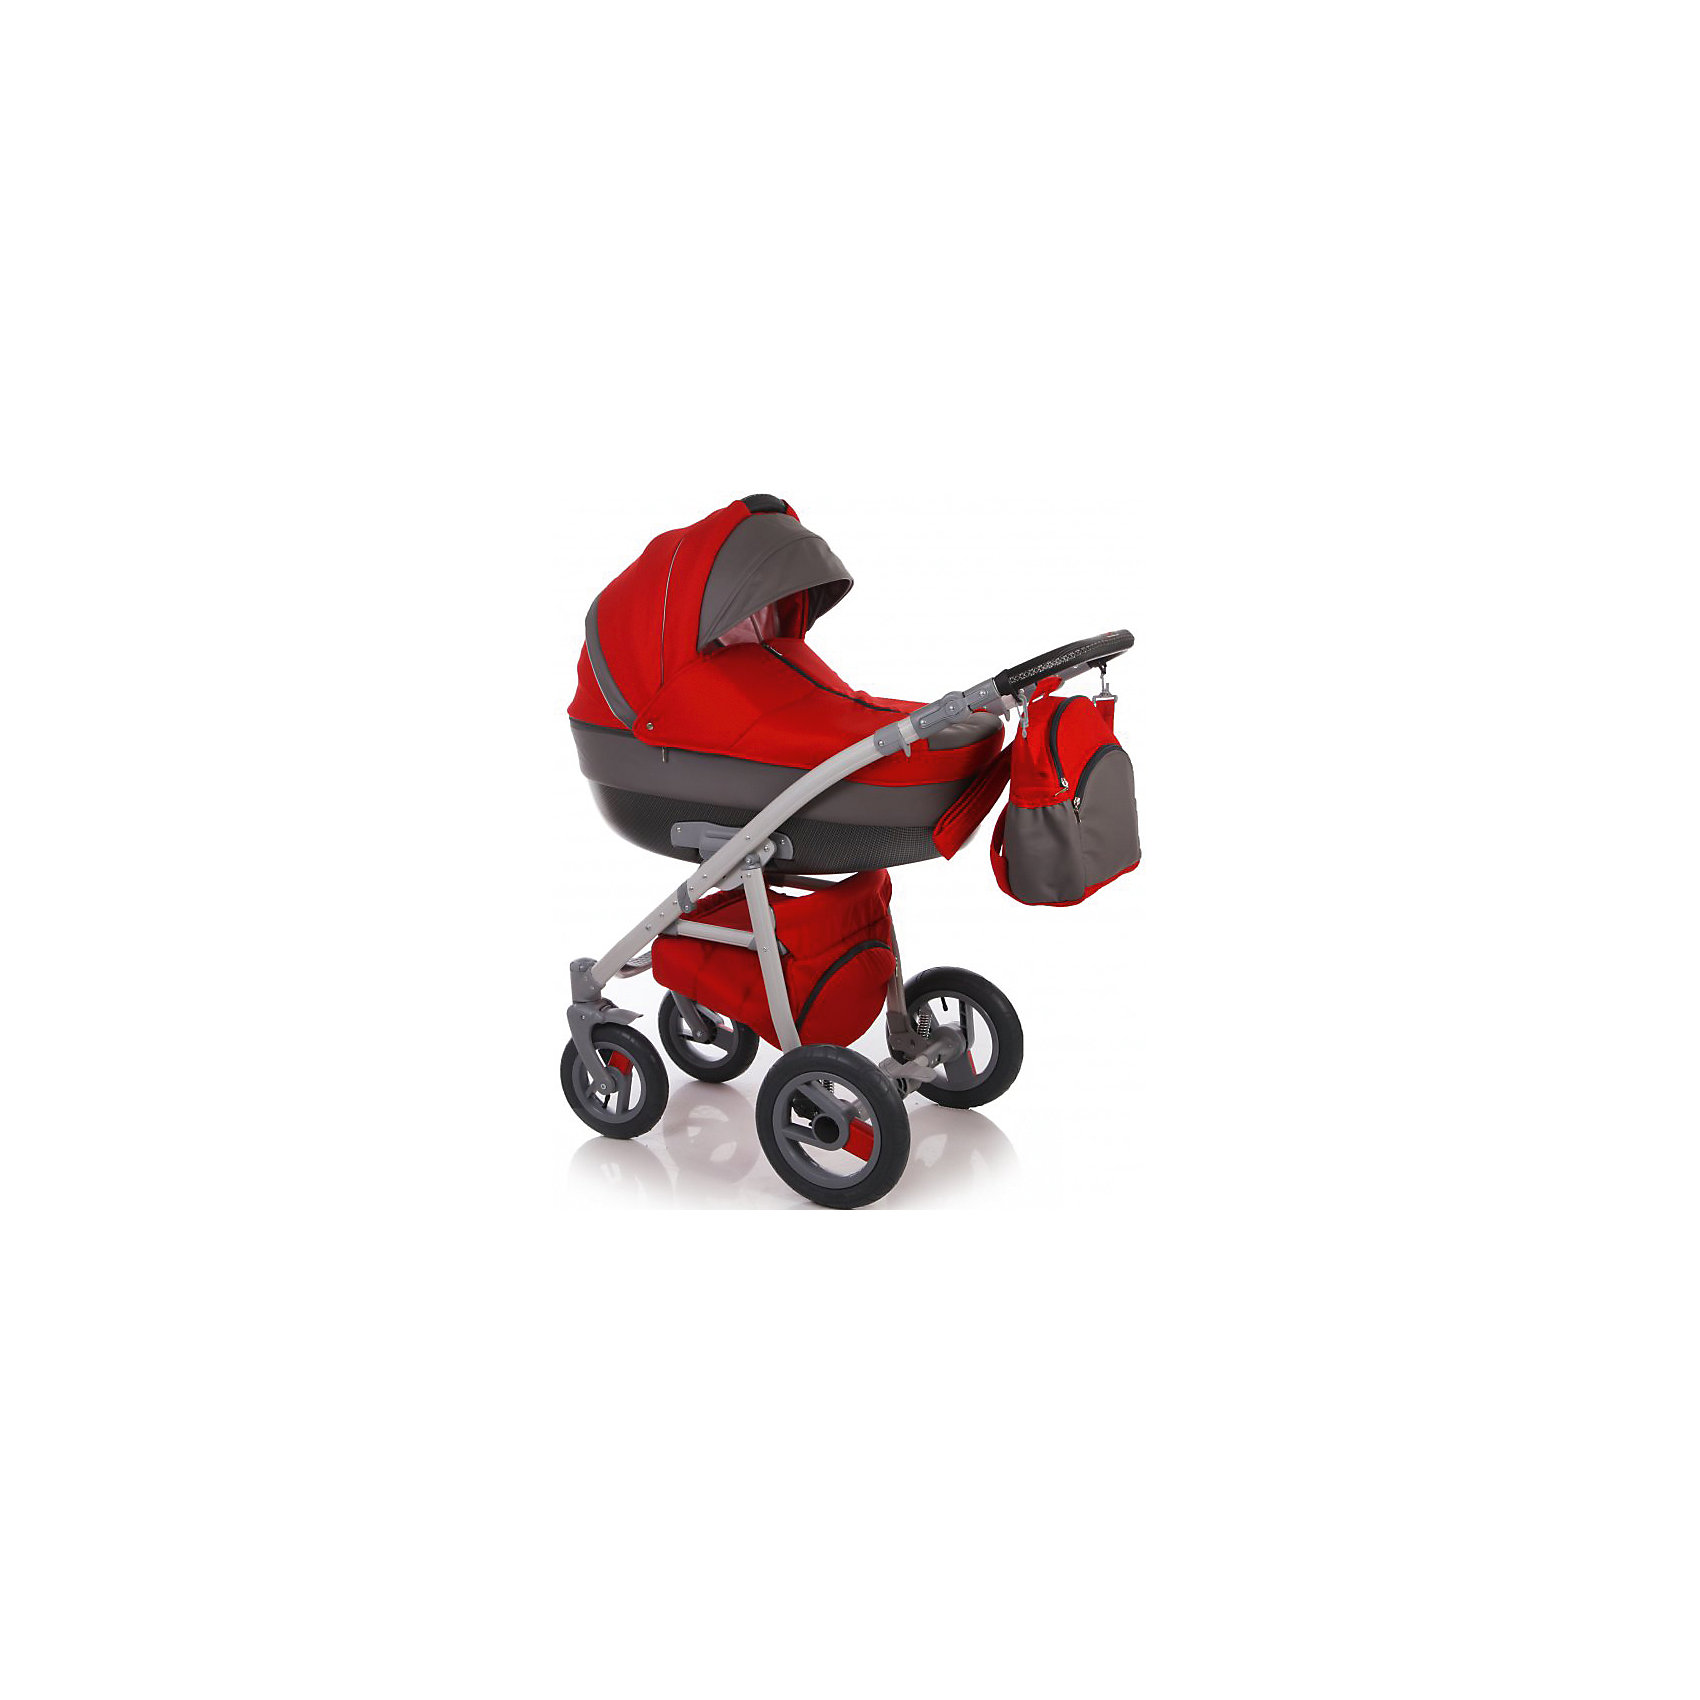 Коляска 2 в 1 SPORT, Ifratti, т.серый/красныйIfratti Sport - это новая, исключительно практичная, манёвренная и лёгкая  в управлении коляска на алюминиевой раме и с возможностью установки автомобильного кресла. Оригинальный вариант сочетания теснённой кожи с тканью лён– обратит на себя внимание даже самого предвзятого покупателя. Конструкция рамы имеет мягкую подвеску передней и задней оси, удобную, регулируемую по высоте ручку, с обшивкой из эко кожи, а так же – большую, металлическую вместительная корзину-сетку для покупок. Капоры люльки и прогулочного блока, оснащены тихой системой регулировки, имеют складной, солнцезащитный козырёк, отстёгиваемый сегмент обивки, под которым находится большое вентиляционное окно с москитной сеткой, что особенно важно в жаркие летние дни. Оба модуля коляски, устанавливаются на раме поочерёдно, в двух направлениях – лицом, либо спиной по направлению движения. <br><br>Особенности:<br>- Просторная пластиковая люлька 42/85 см) с регулируемым подголовником;                   <br>- Люлька устанавливается в 2х направлениях лицом к маме, лицом к дороге;           - Простая и удобная система крепления на раму;<br>- Съемная подкладка из 100% хлопка, с возможностью стирки;<br>- Капюшон складной, съемный с вентиляционным окошком;<br>- Опускающийся козырёк для защиты от непогоды;<br>- Бесшумная система складывания капора;<br>- Кожаная ручка, для использования люльки в качестве переноски;<br>- Размер спального места ДхШхВ: 82 см х 39 см х 23см.Прогулочный блок для детей от 6 месяцев  до 3-х лет;<br>- Удобное, широкое посадочное место;<br>- Полная регулировка спинки до положения лёжа;<br>-  Регулировка подножки по высоте;<br>- Пятиточечные ремни безопасности;<br>- Съёмный передний поручень с разделительной перемычкой между ножек;<br>- Регулировка ручки по высоте;<br>- Надежный центральный тормоз.<br>- Установка прогулочного блока возможна в двух направлениях;<br>- Надувные съёмные колеса на подшипниках; <br>- Передние поворотные на 360° колеса с